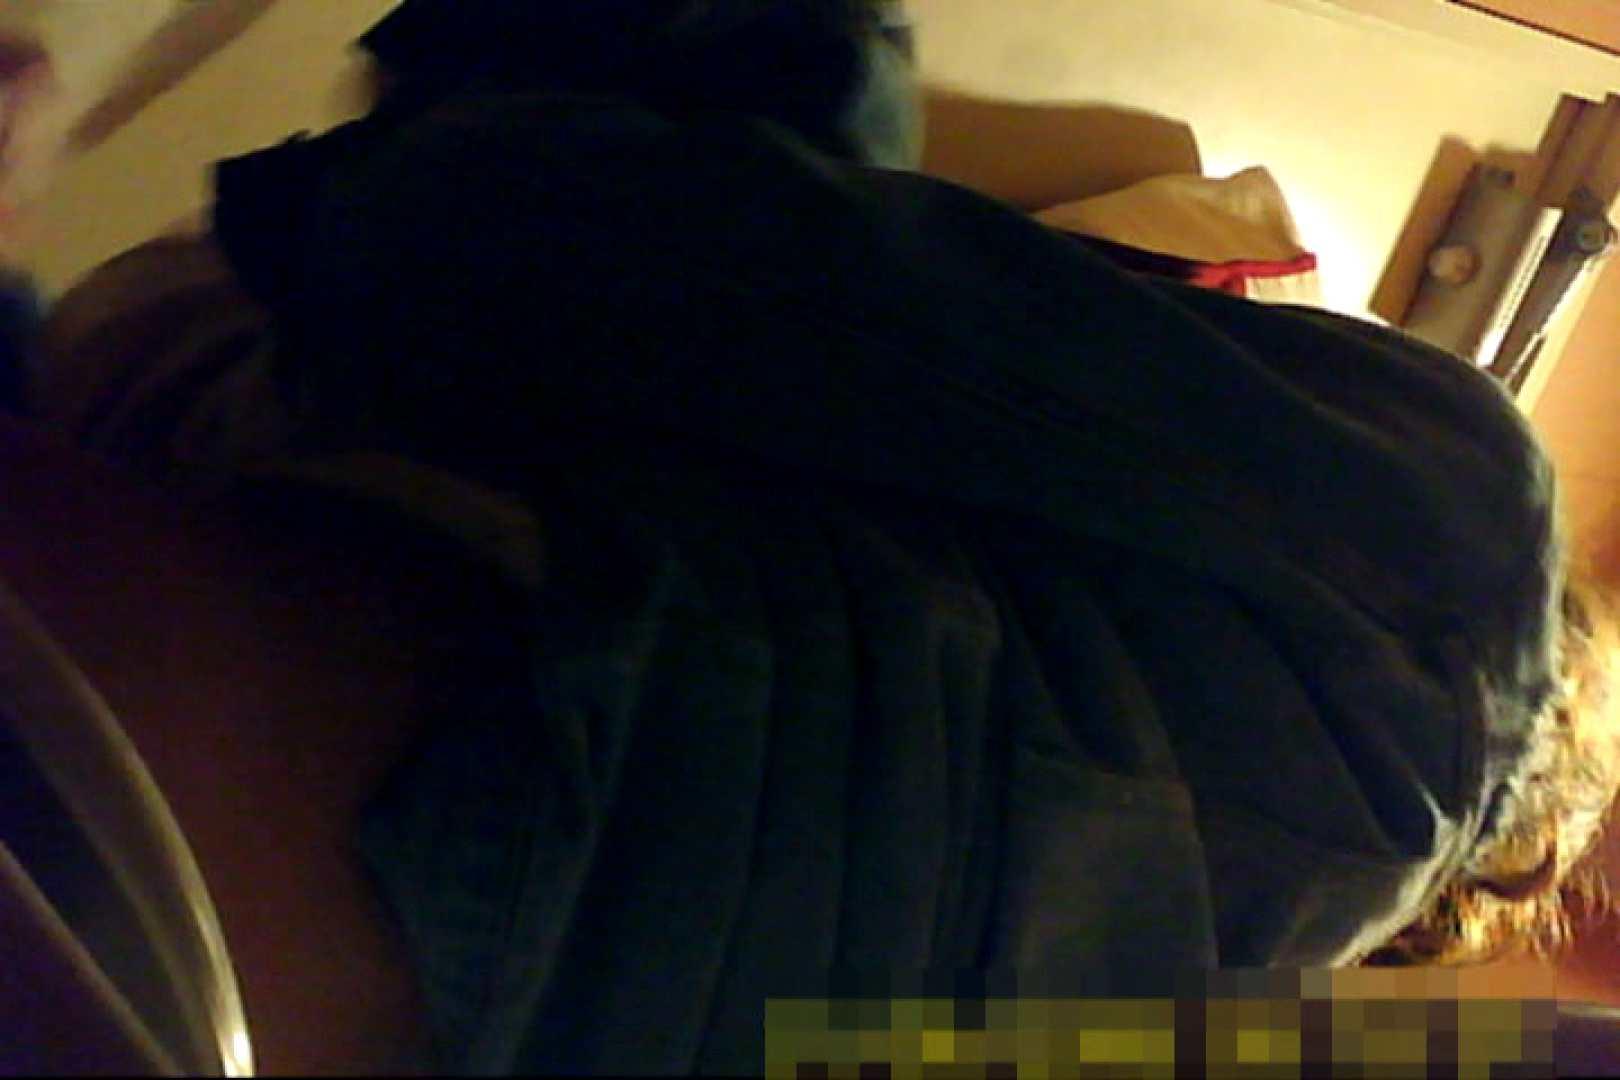 魅惑の化粧室~禁断のプライベート空間~25 盗撮 われめAV動画紹介 89pic 6